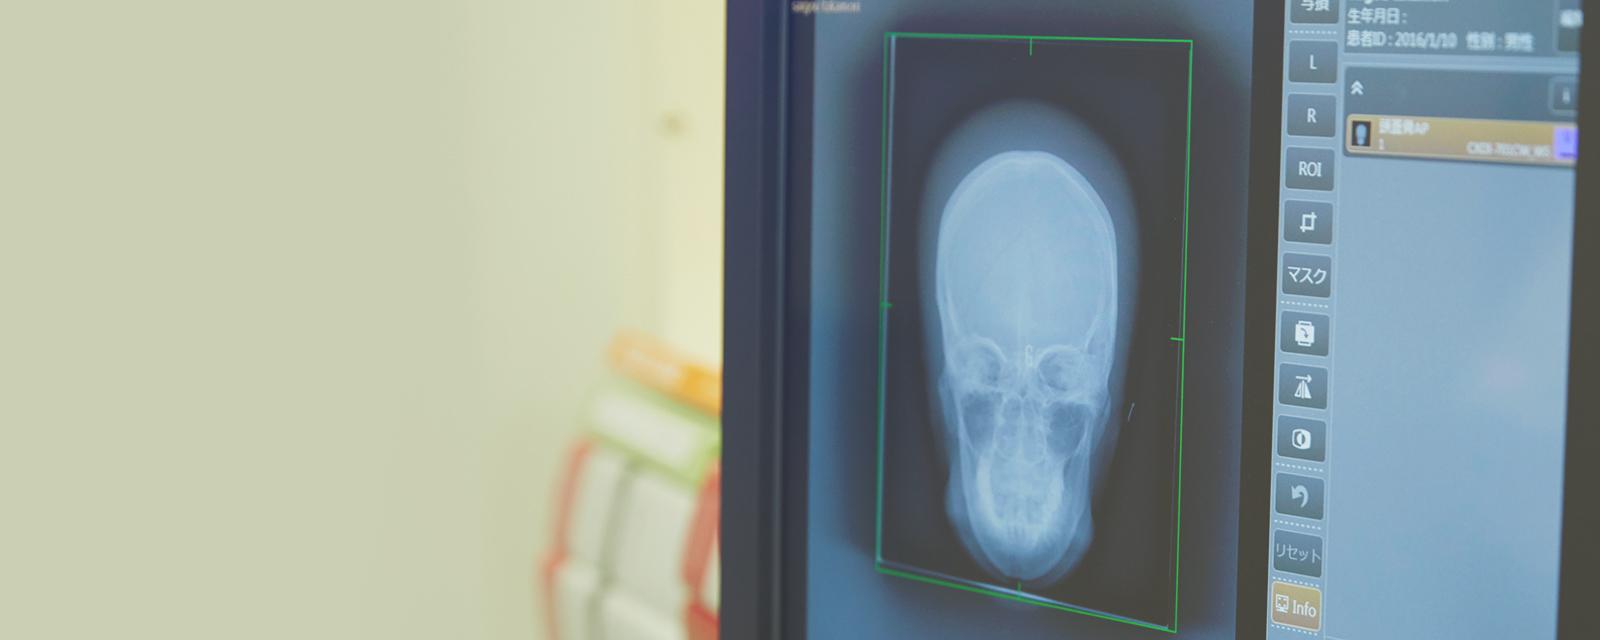 診療放射線学専攻